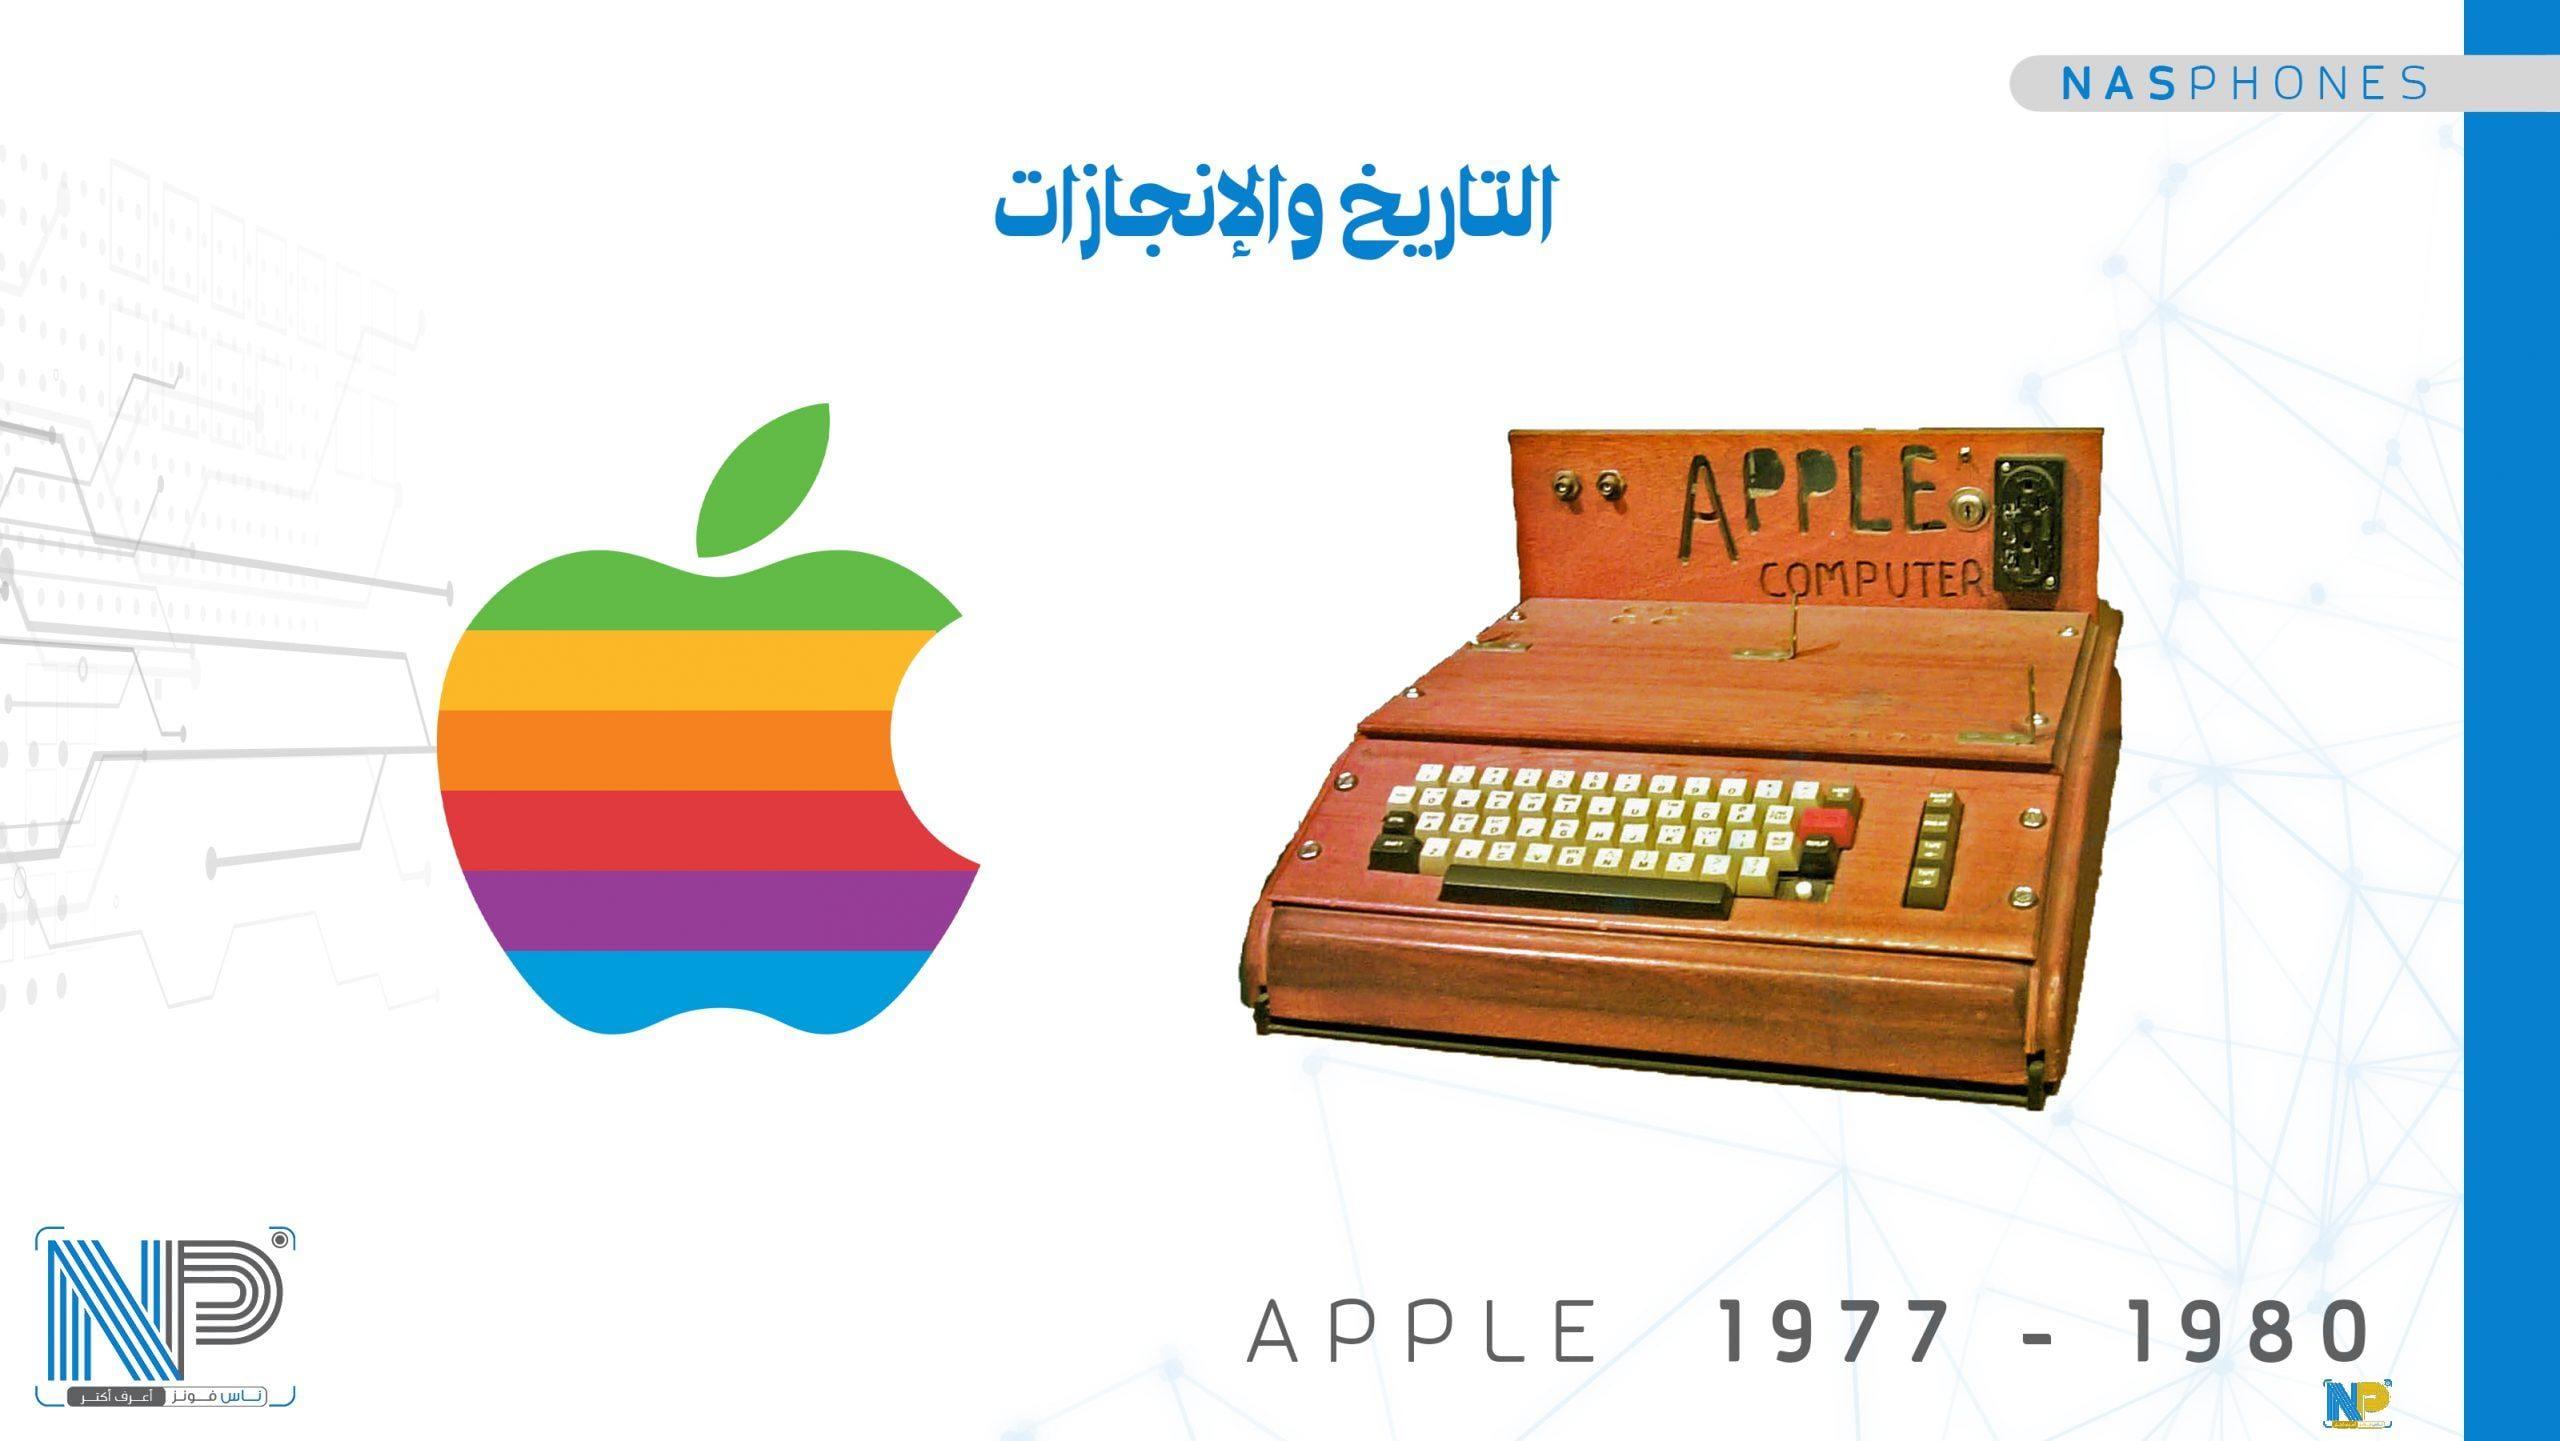 شركة أبل 1977 - 1980